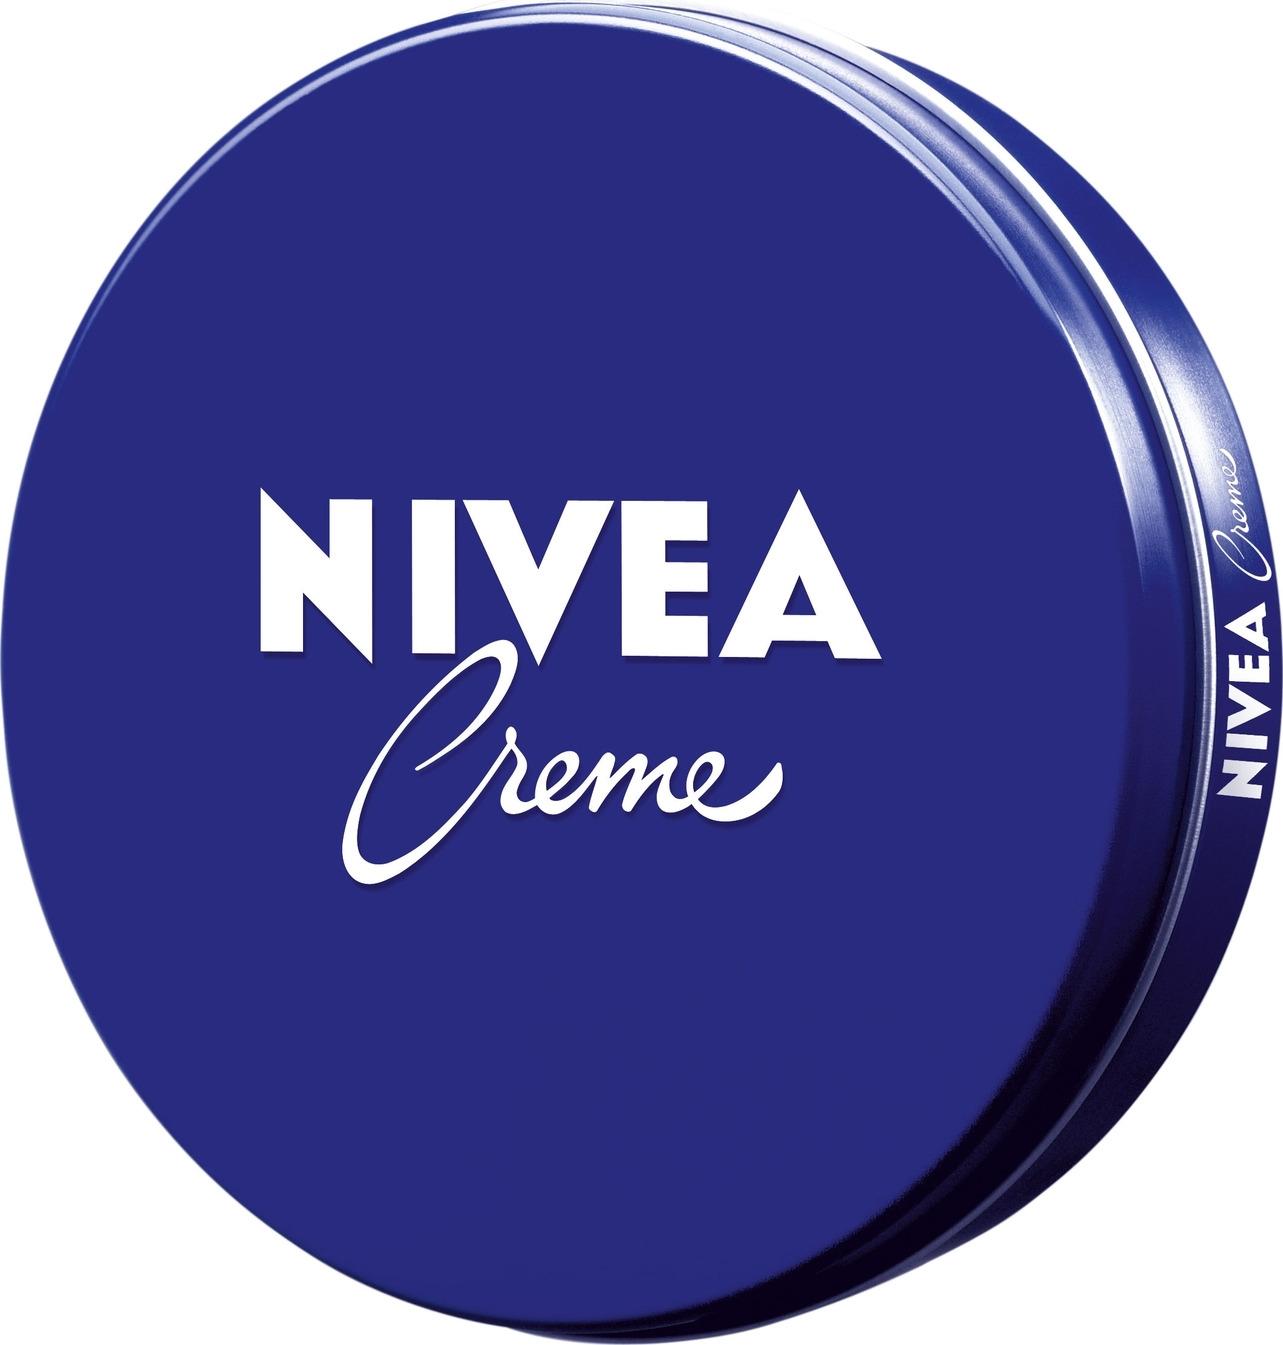 Фото - Крем для ухода за кожей Nivea Creme, 150 мл nivea крем для кожи увлажняющий универсальный creme 150 мл